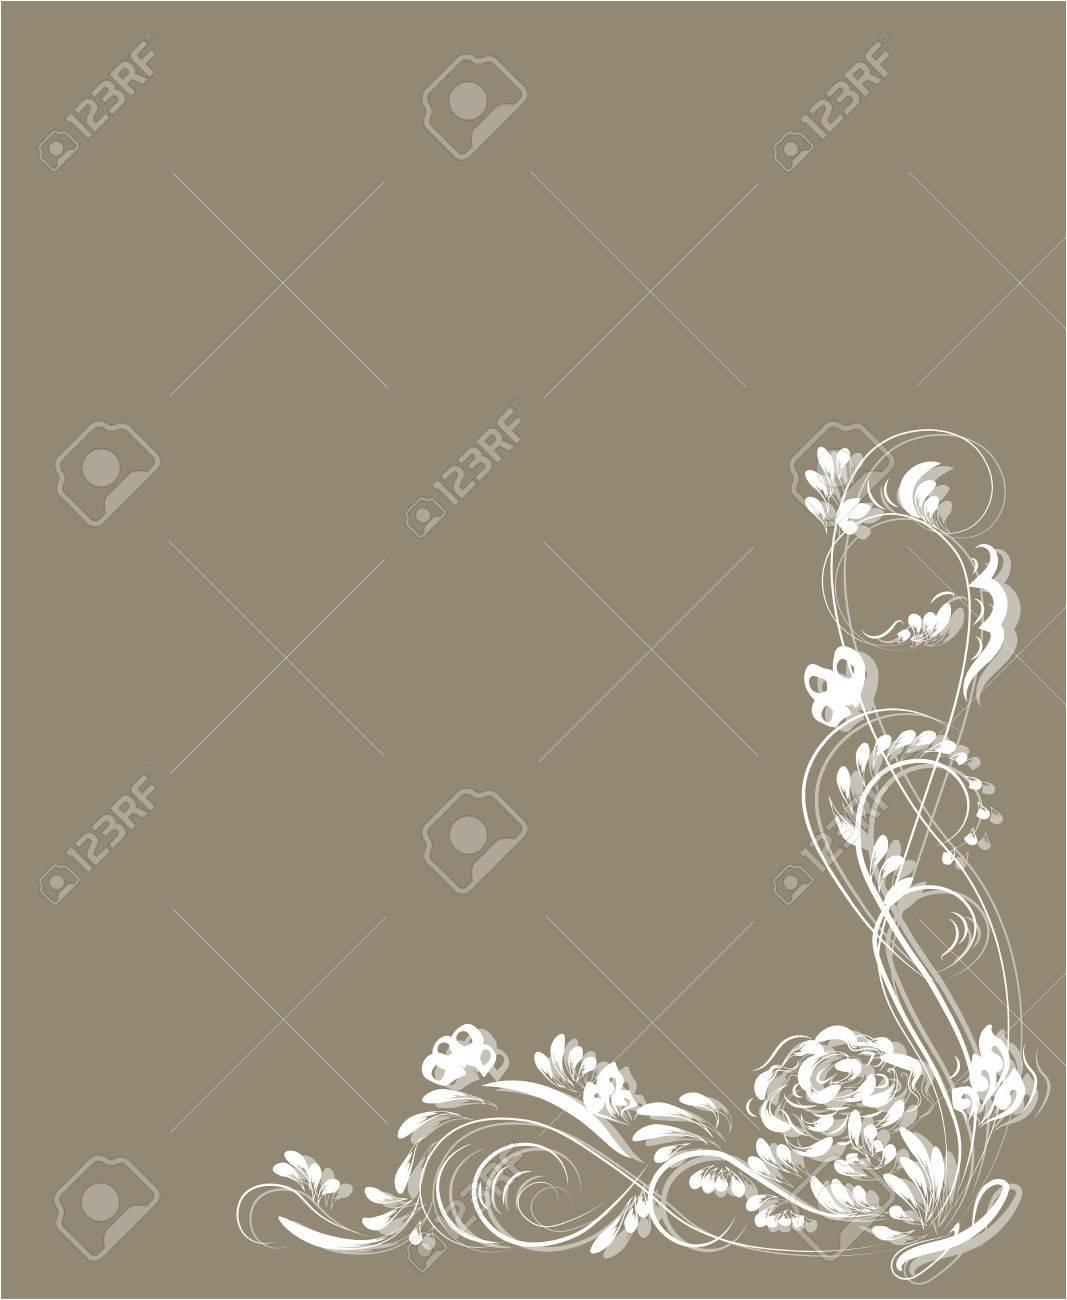 Hermoso Patrón De Flores Vintage Blanco Sobre Fondo Beige Dibujos De Monogramas En Las Uñas